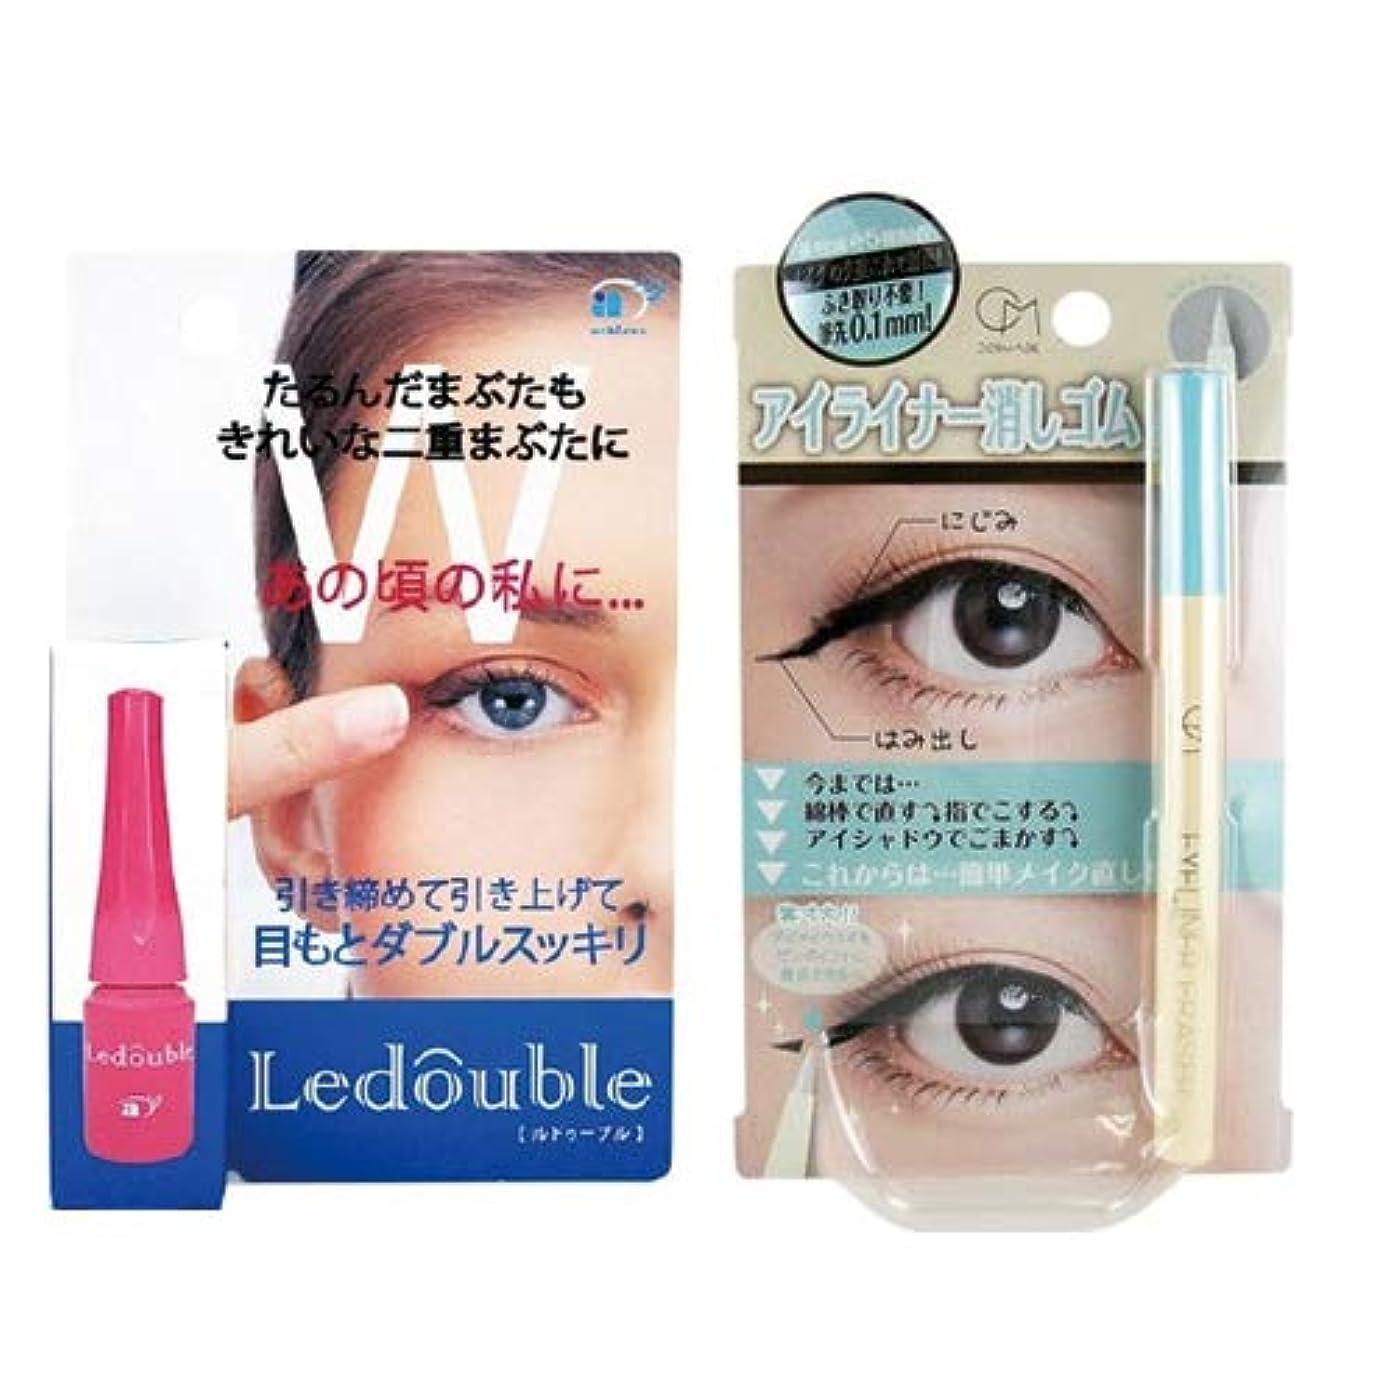 必要としている追い払う塩二重まぶた化粧品 大人のLedouble [大人のルドゥーブル] (2mL)+ COSMAGE(コスマージュ) アイライナー消しゴム (EYELINE ERASER)セット